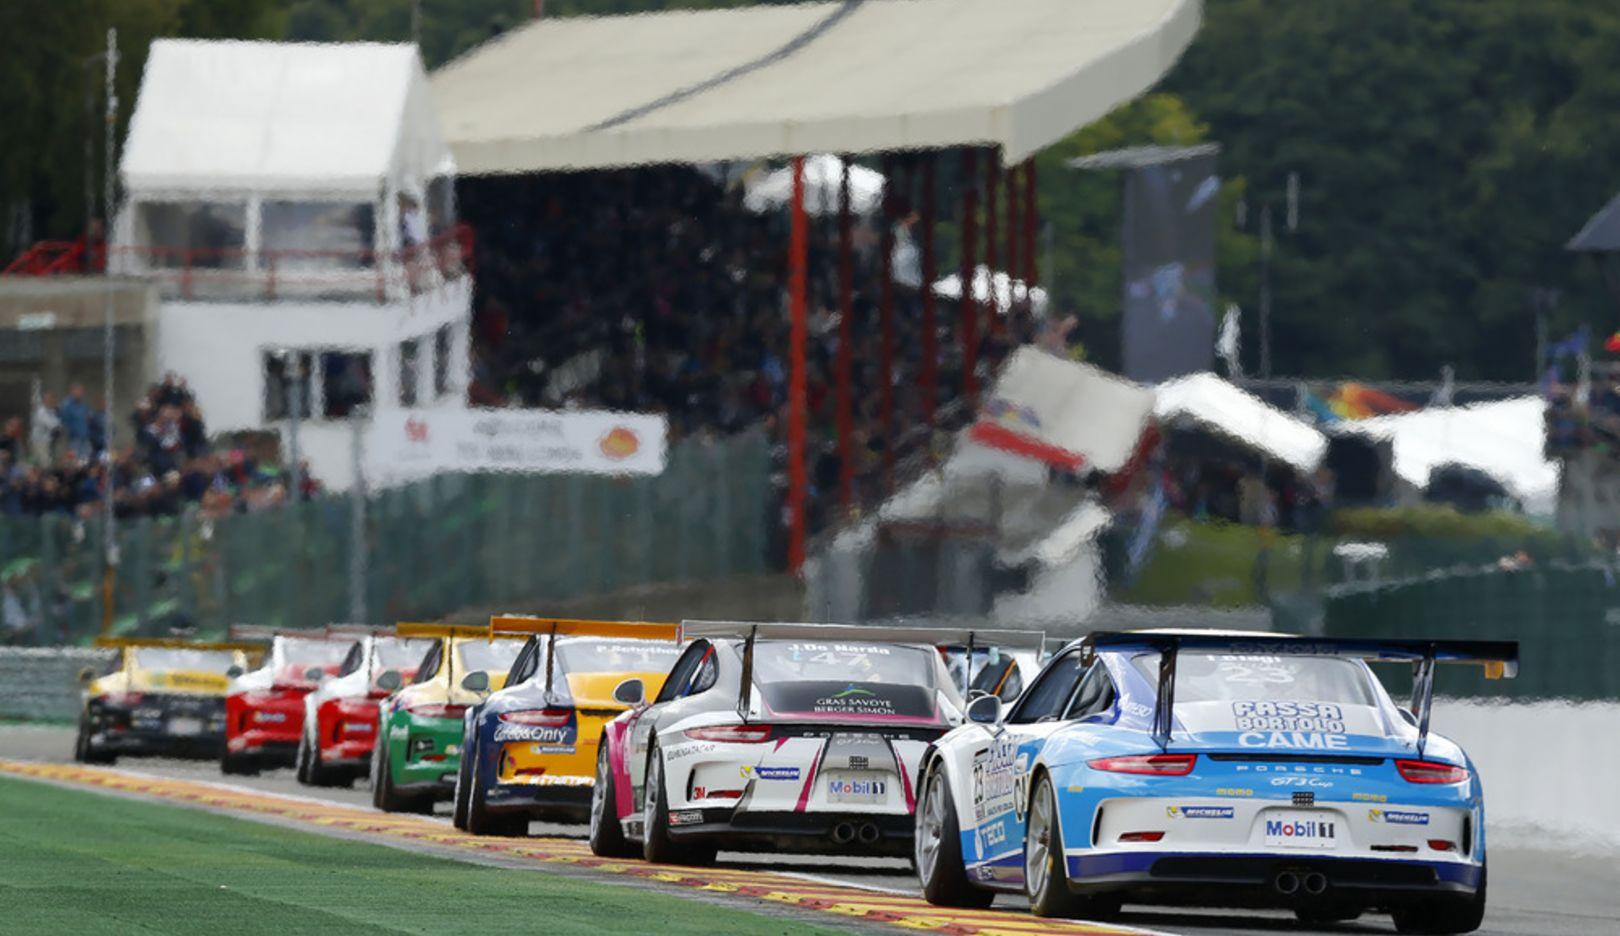 Porsche Mobil 1 Super Cup, Spa-Franchorchamps, 2014, Porsche AG